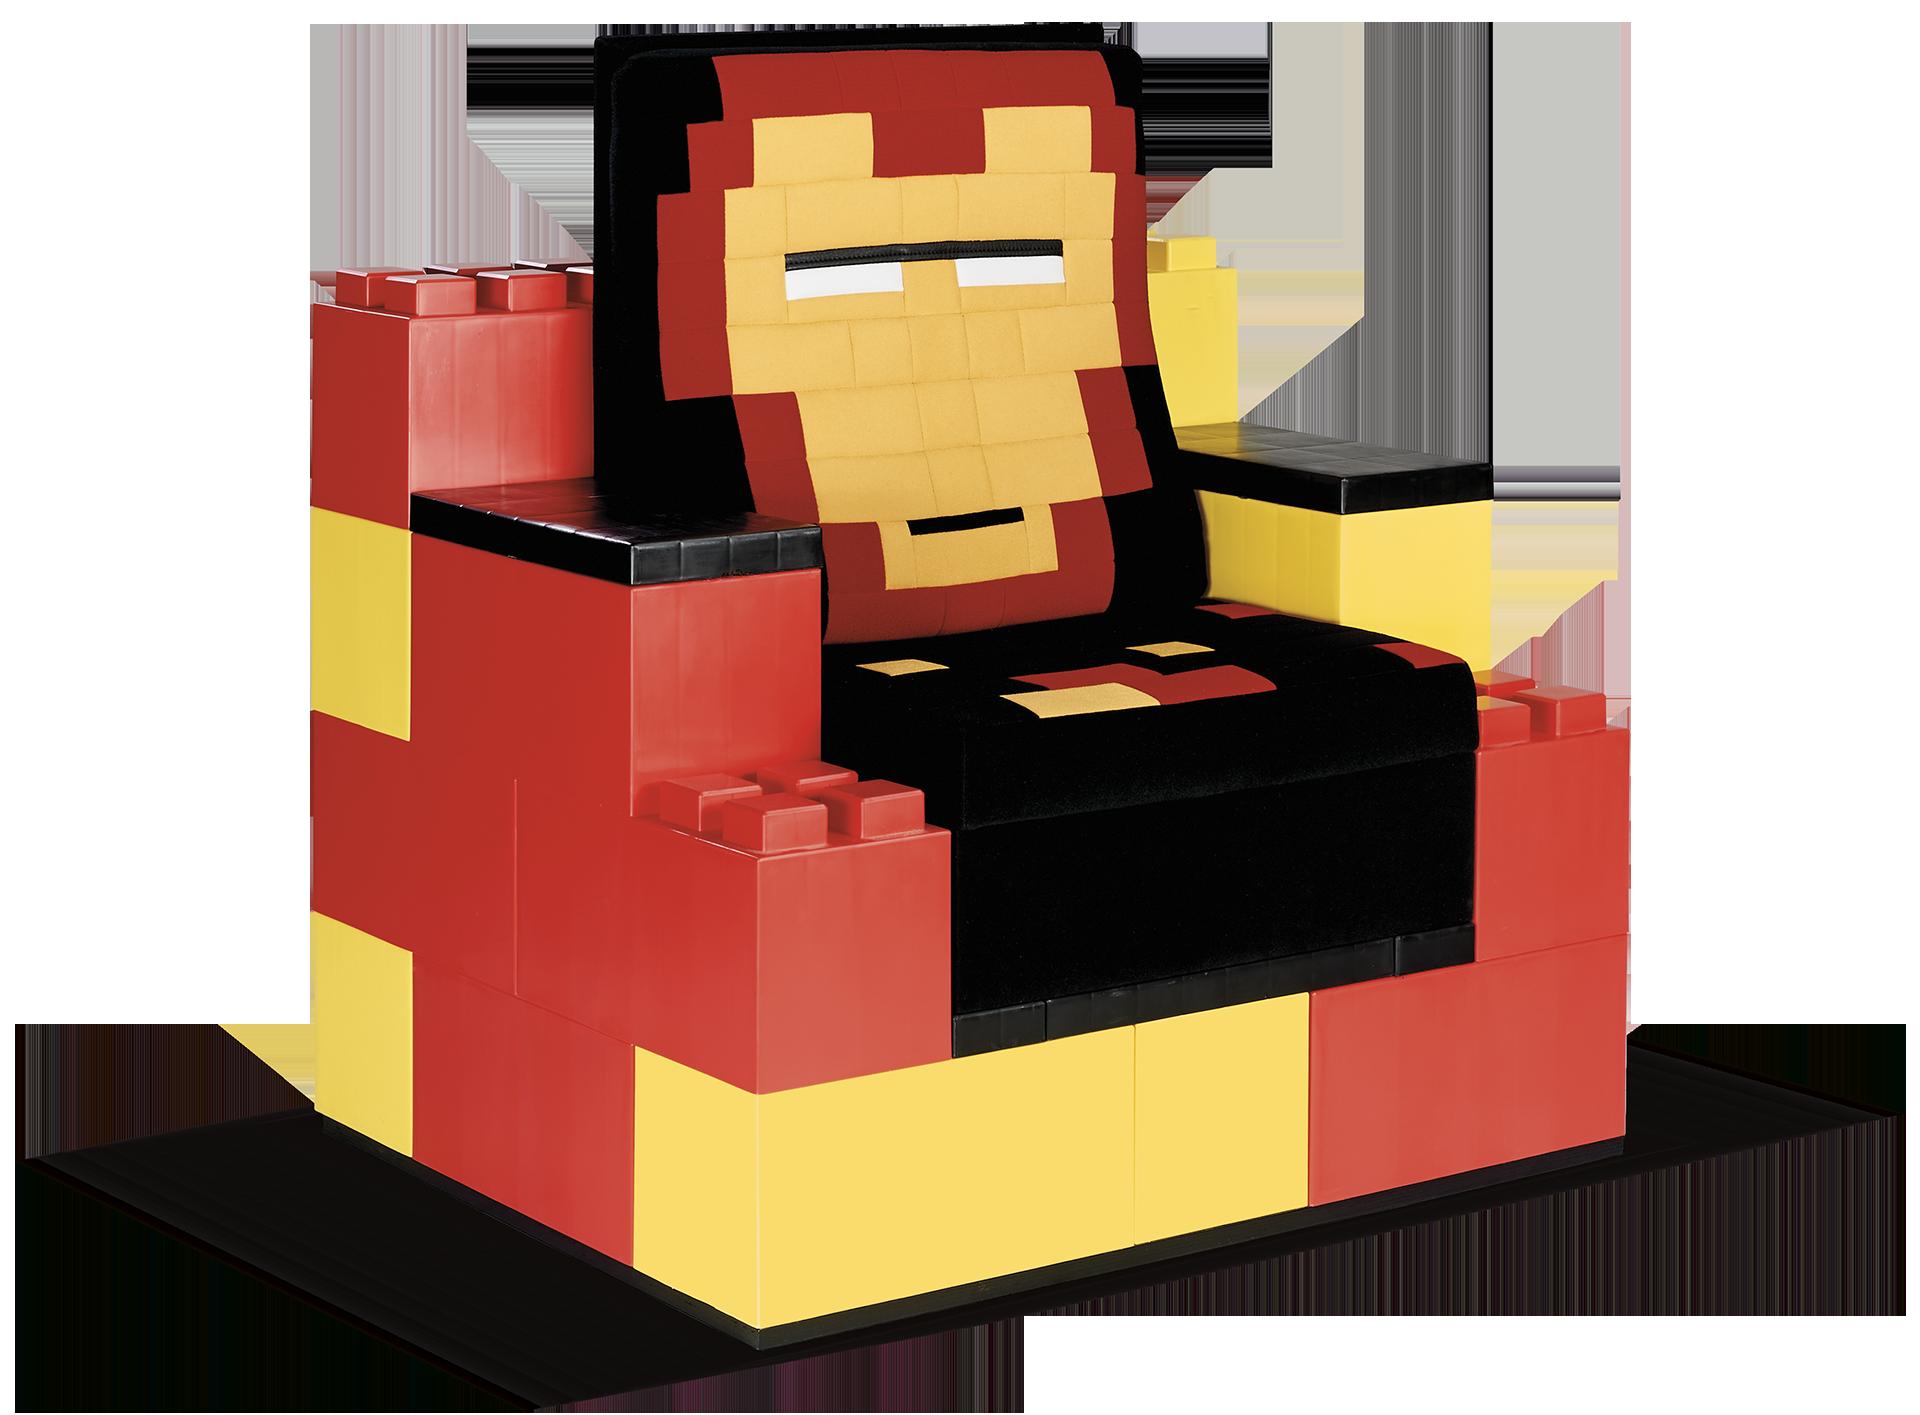 LEGO-face2 Leader de fabrication de fauteuils cinéma, théâtre ...Loge Vip Espace philippe noiret les clayes sous boisV2 v2